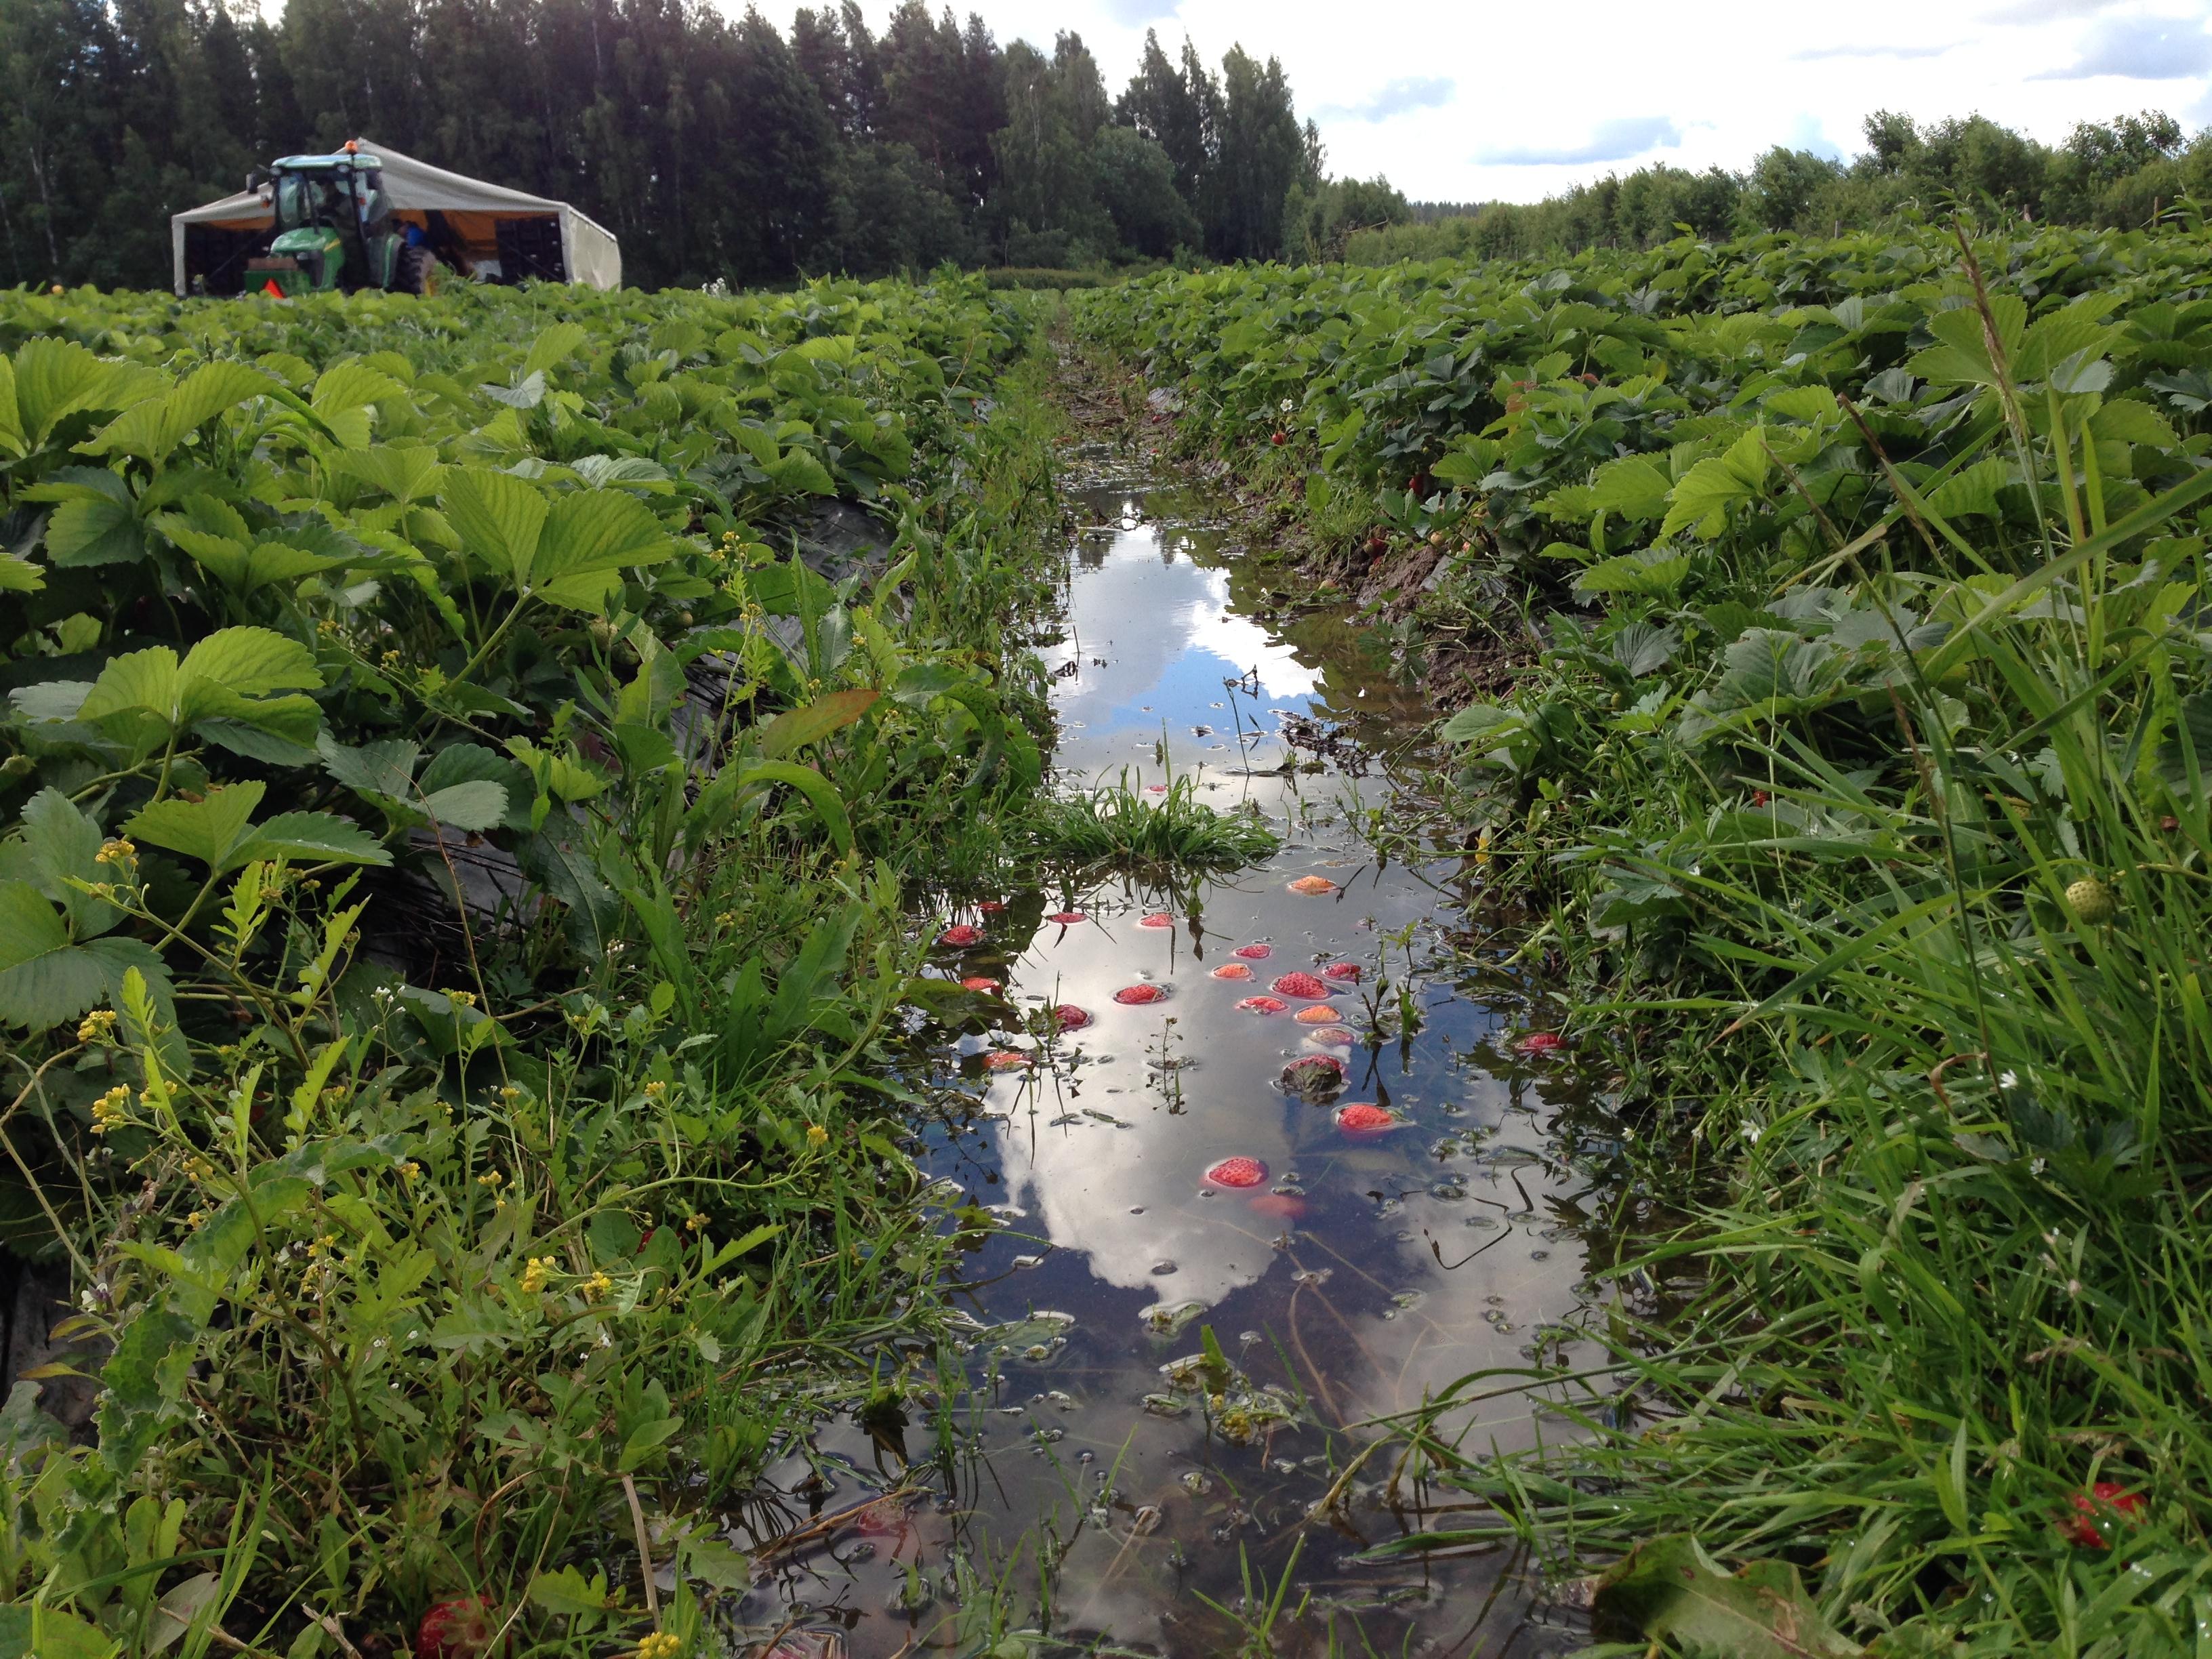 Sajud ei taha lõppeda ja väikeste vihmapauside ajal istandus ära ei kuiva